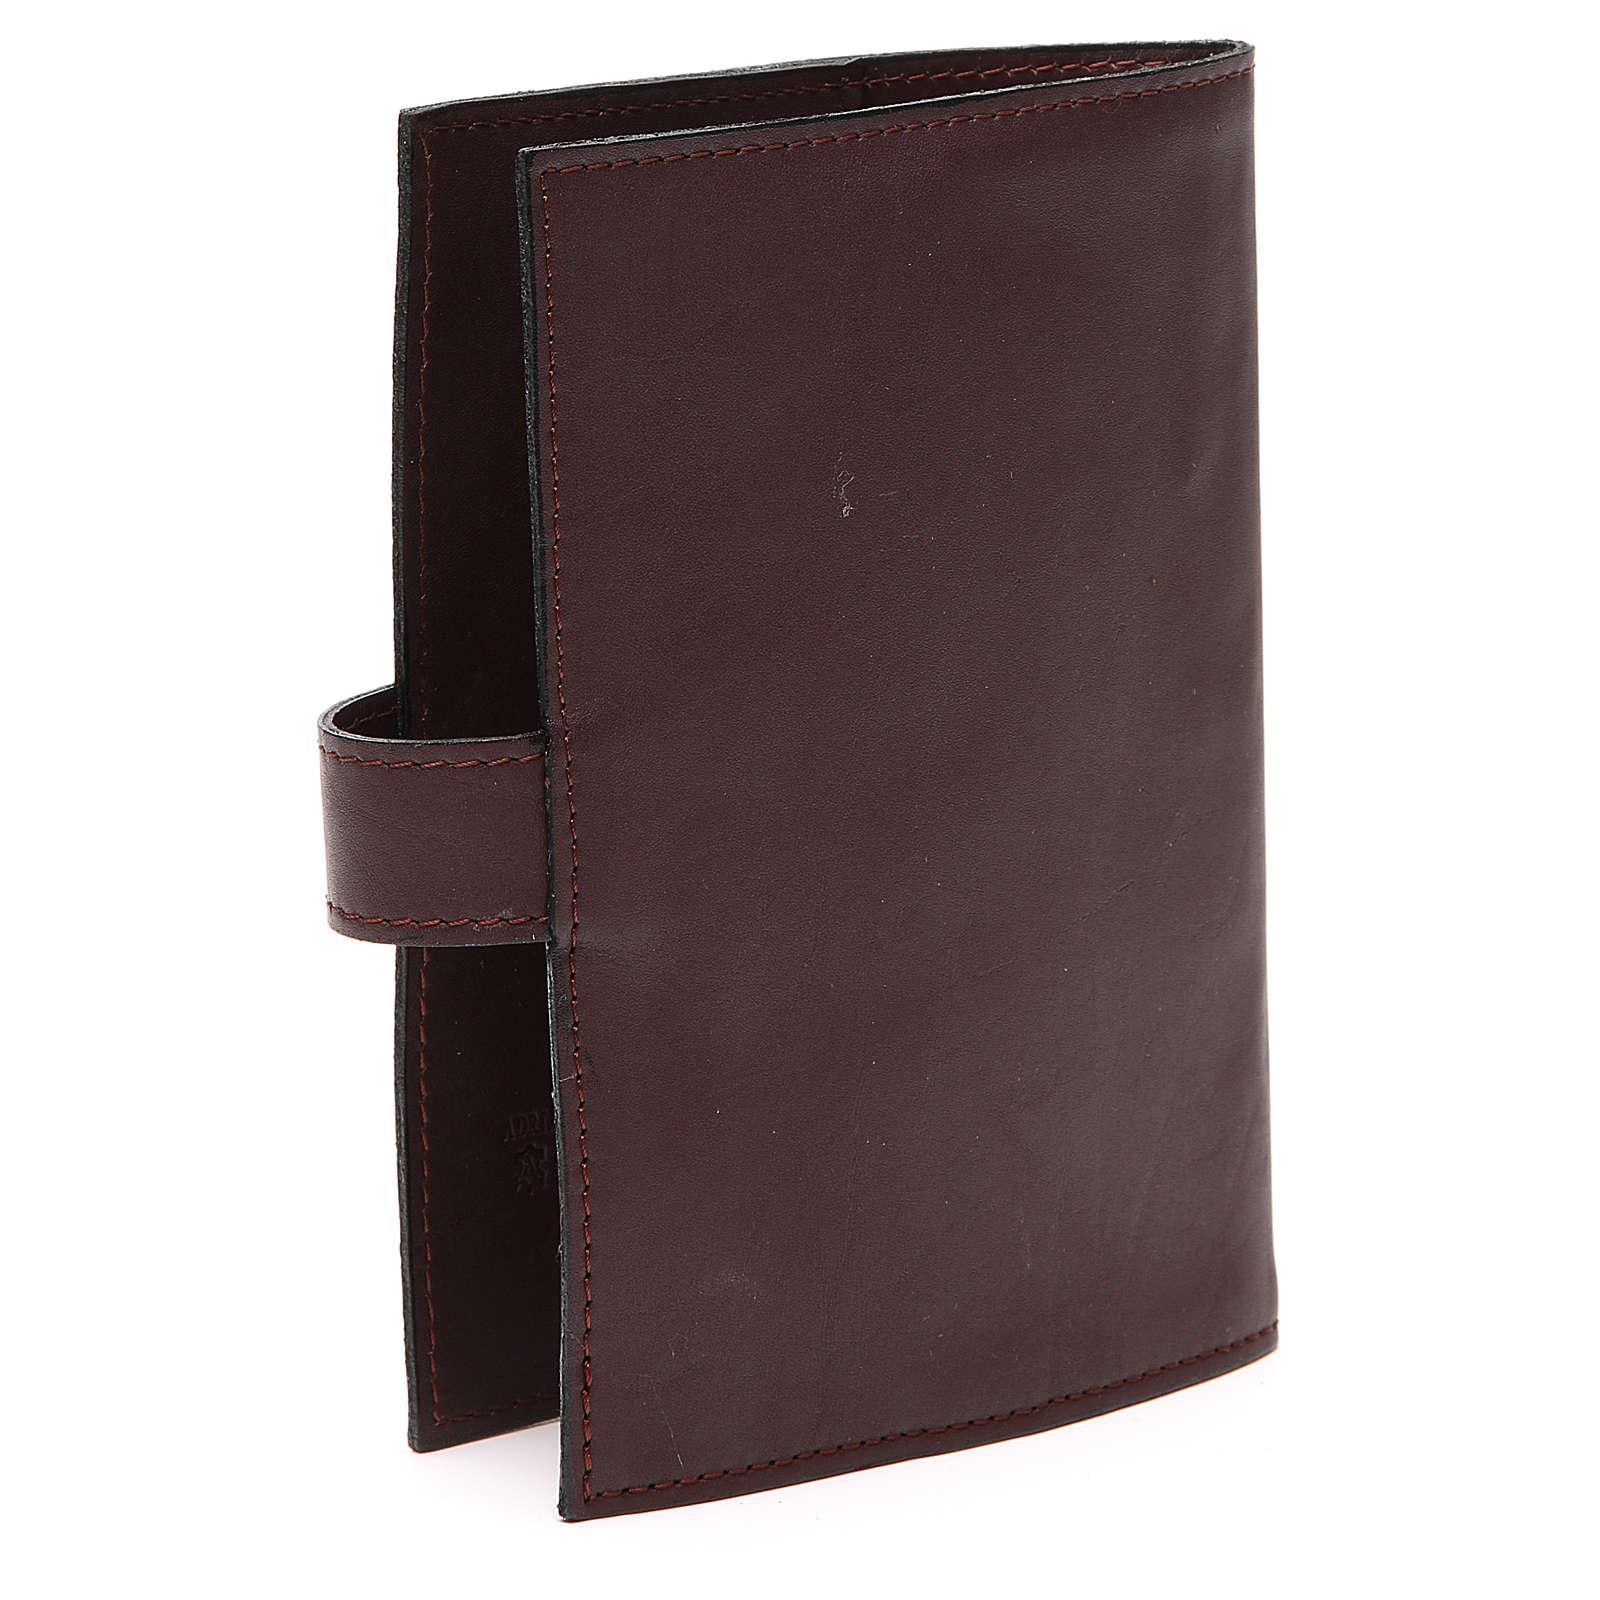 Couv. Lit. 4 vol. cuir brun foncé Pantocrator 4